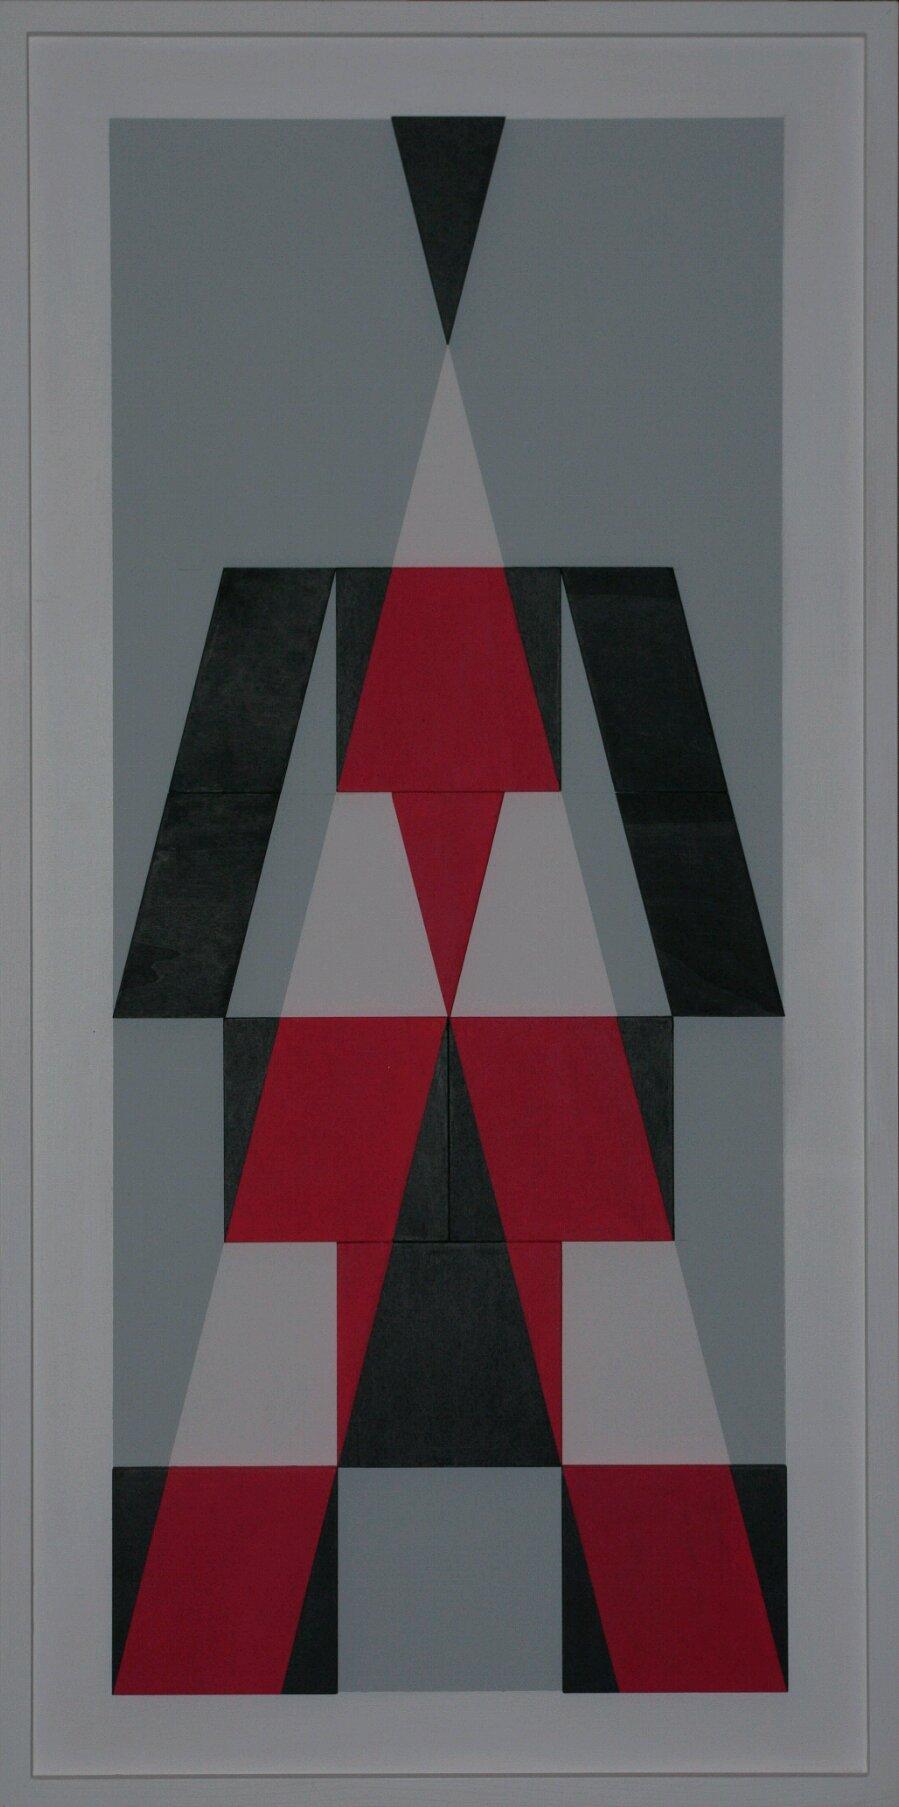 La forza - 2017 - legno in rilievo dipinto - 112x56